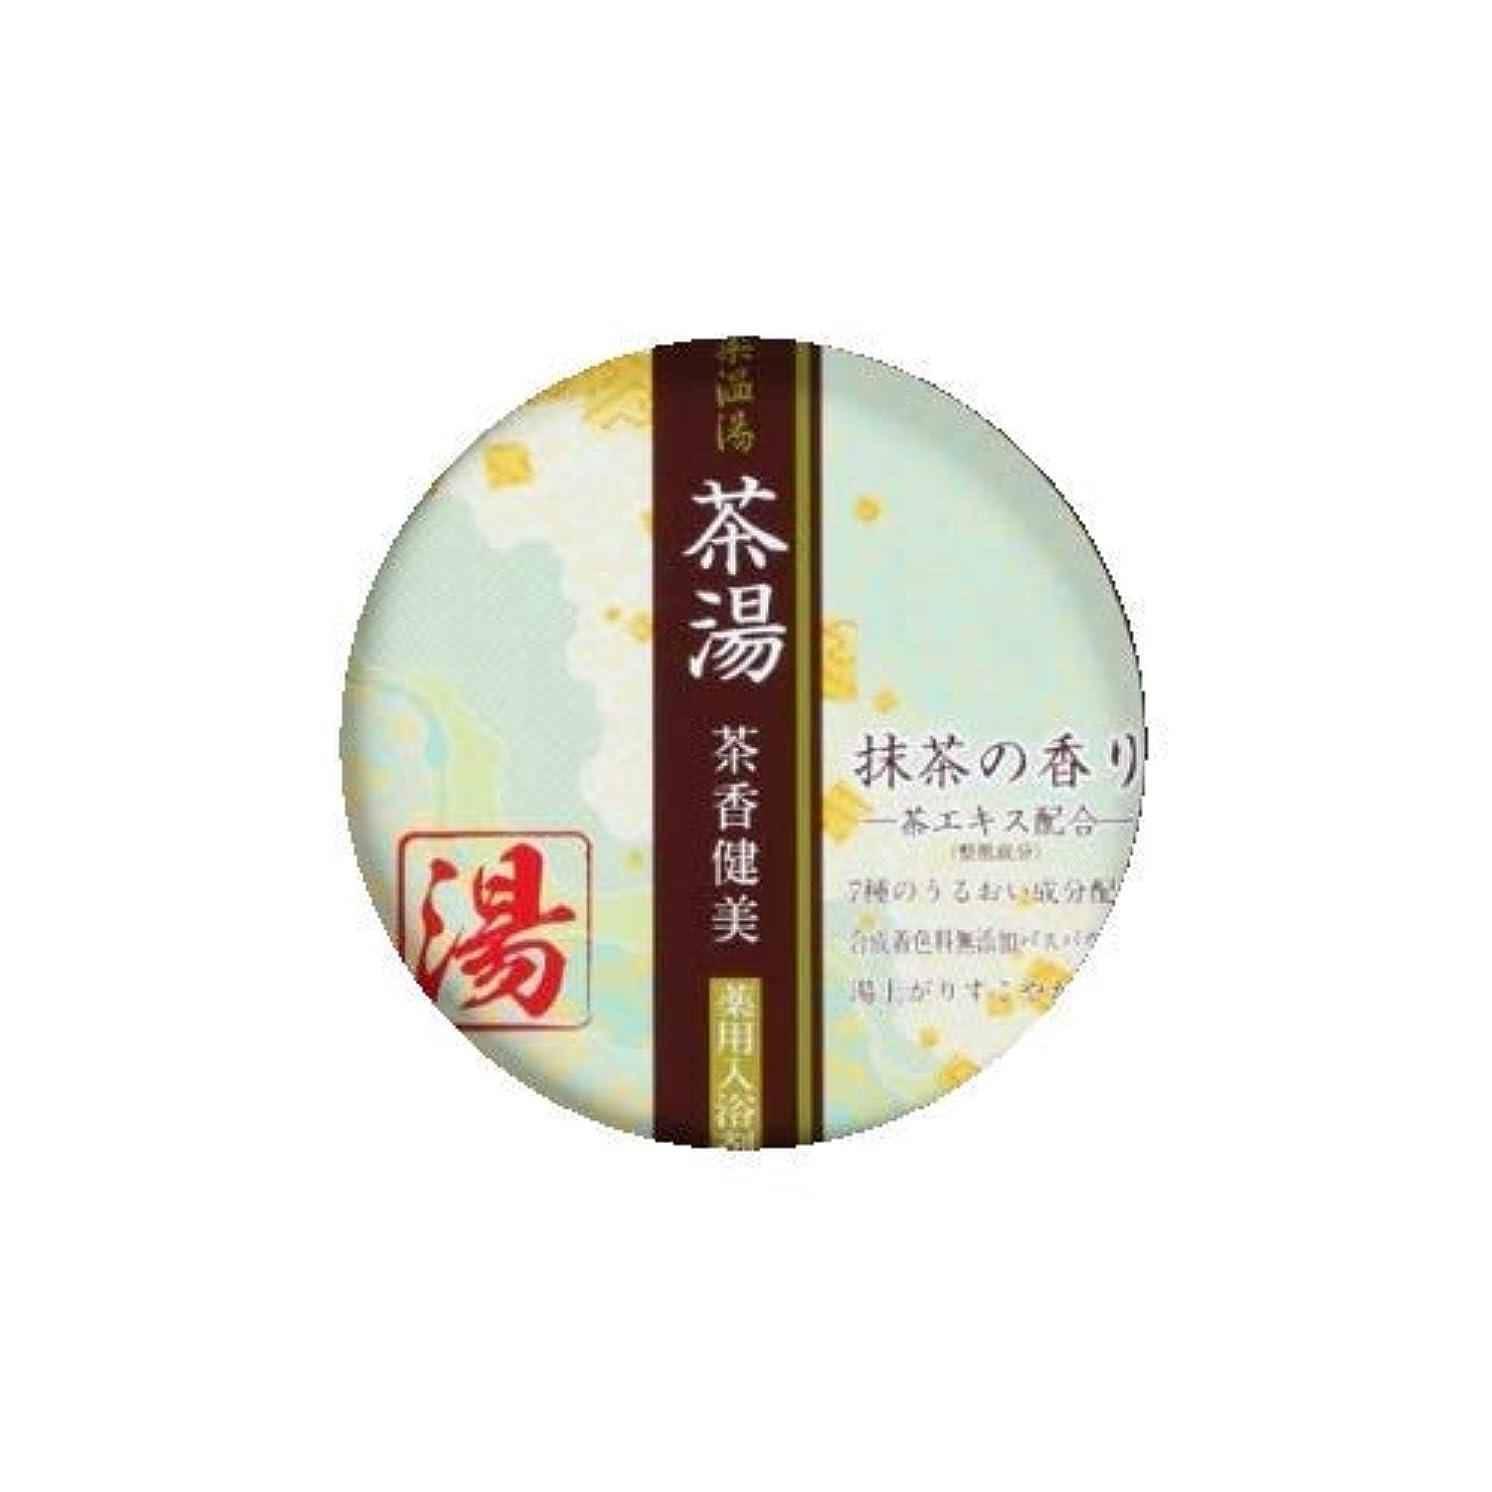 ほめる石のやろう薬温湯 茶湯 入浴料 抹茶の香り POF-10M